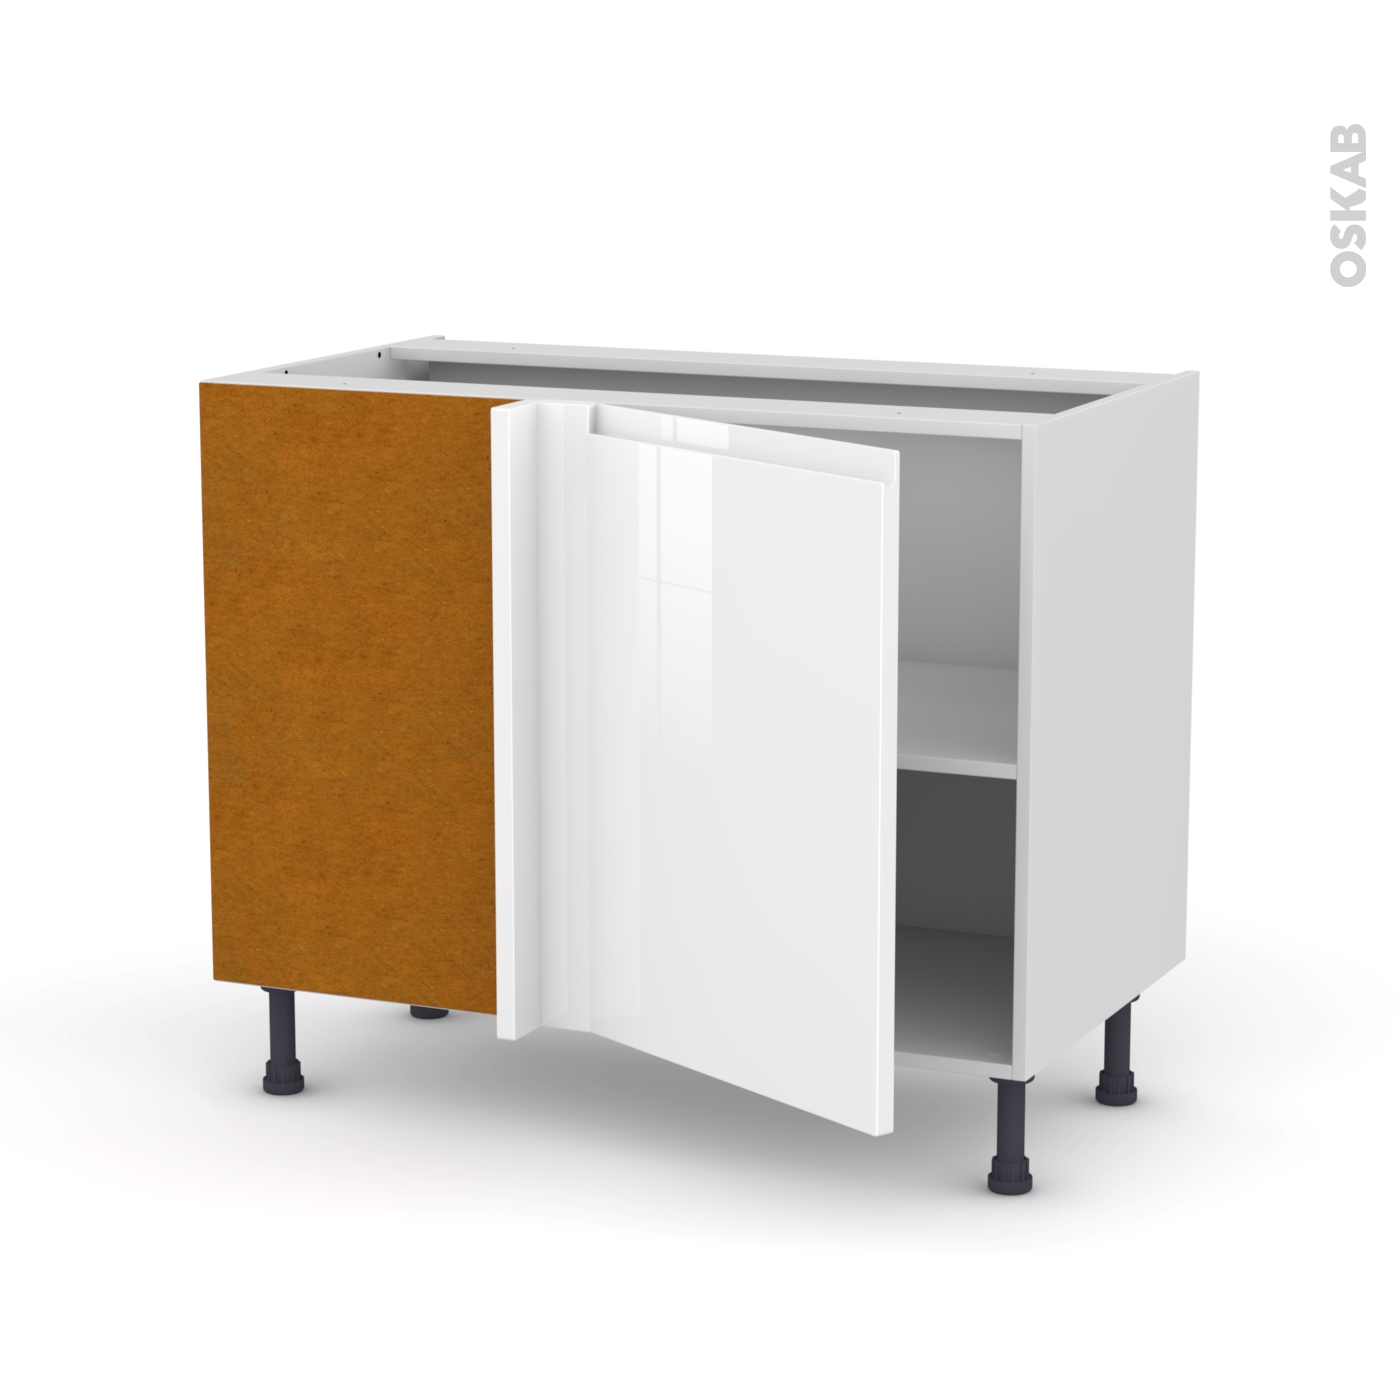 Difference Blanc Brillant Et Blanc Laqué meuble de cuisine angle bas réversible ipoma blanc brillant, 1 porte n°20  l50 cm, l100 x h70 x p58 cm